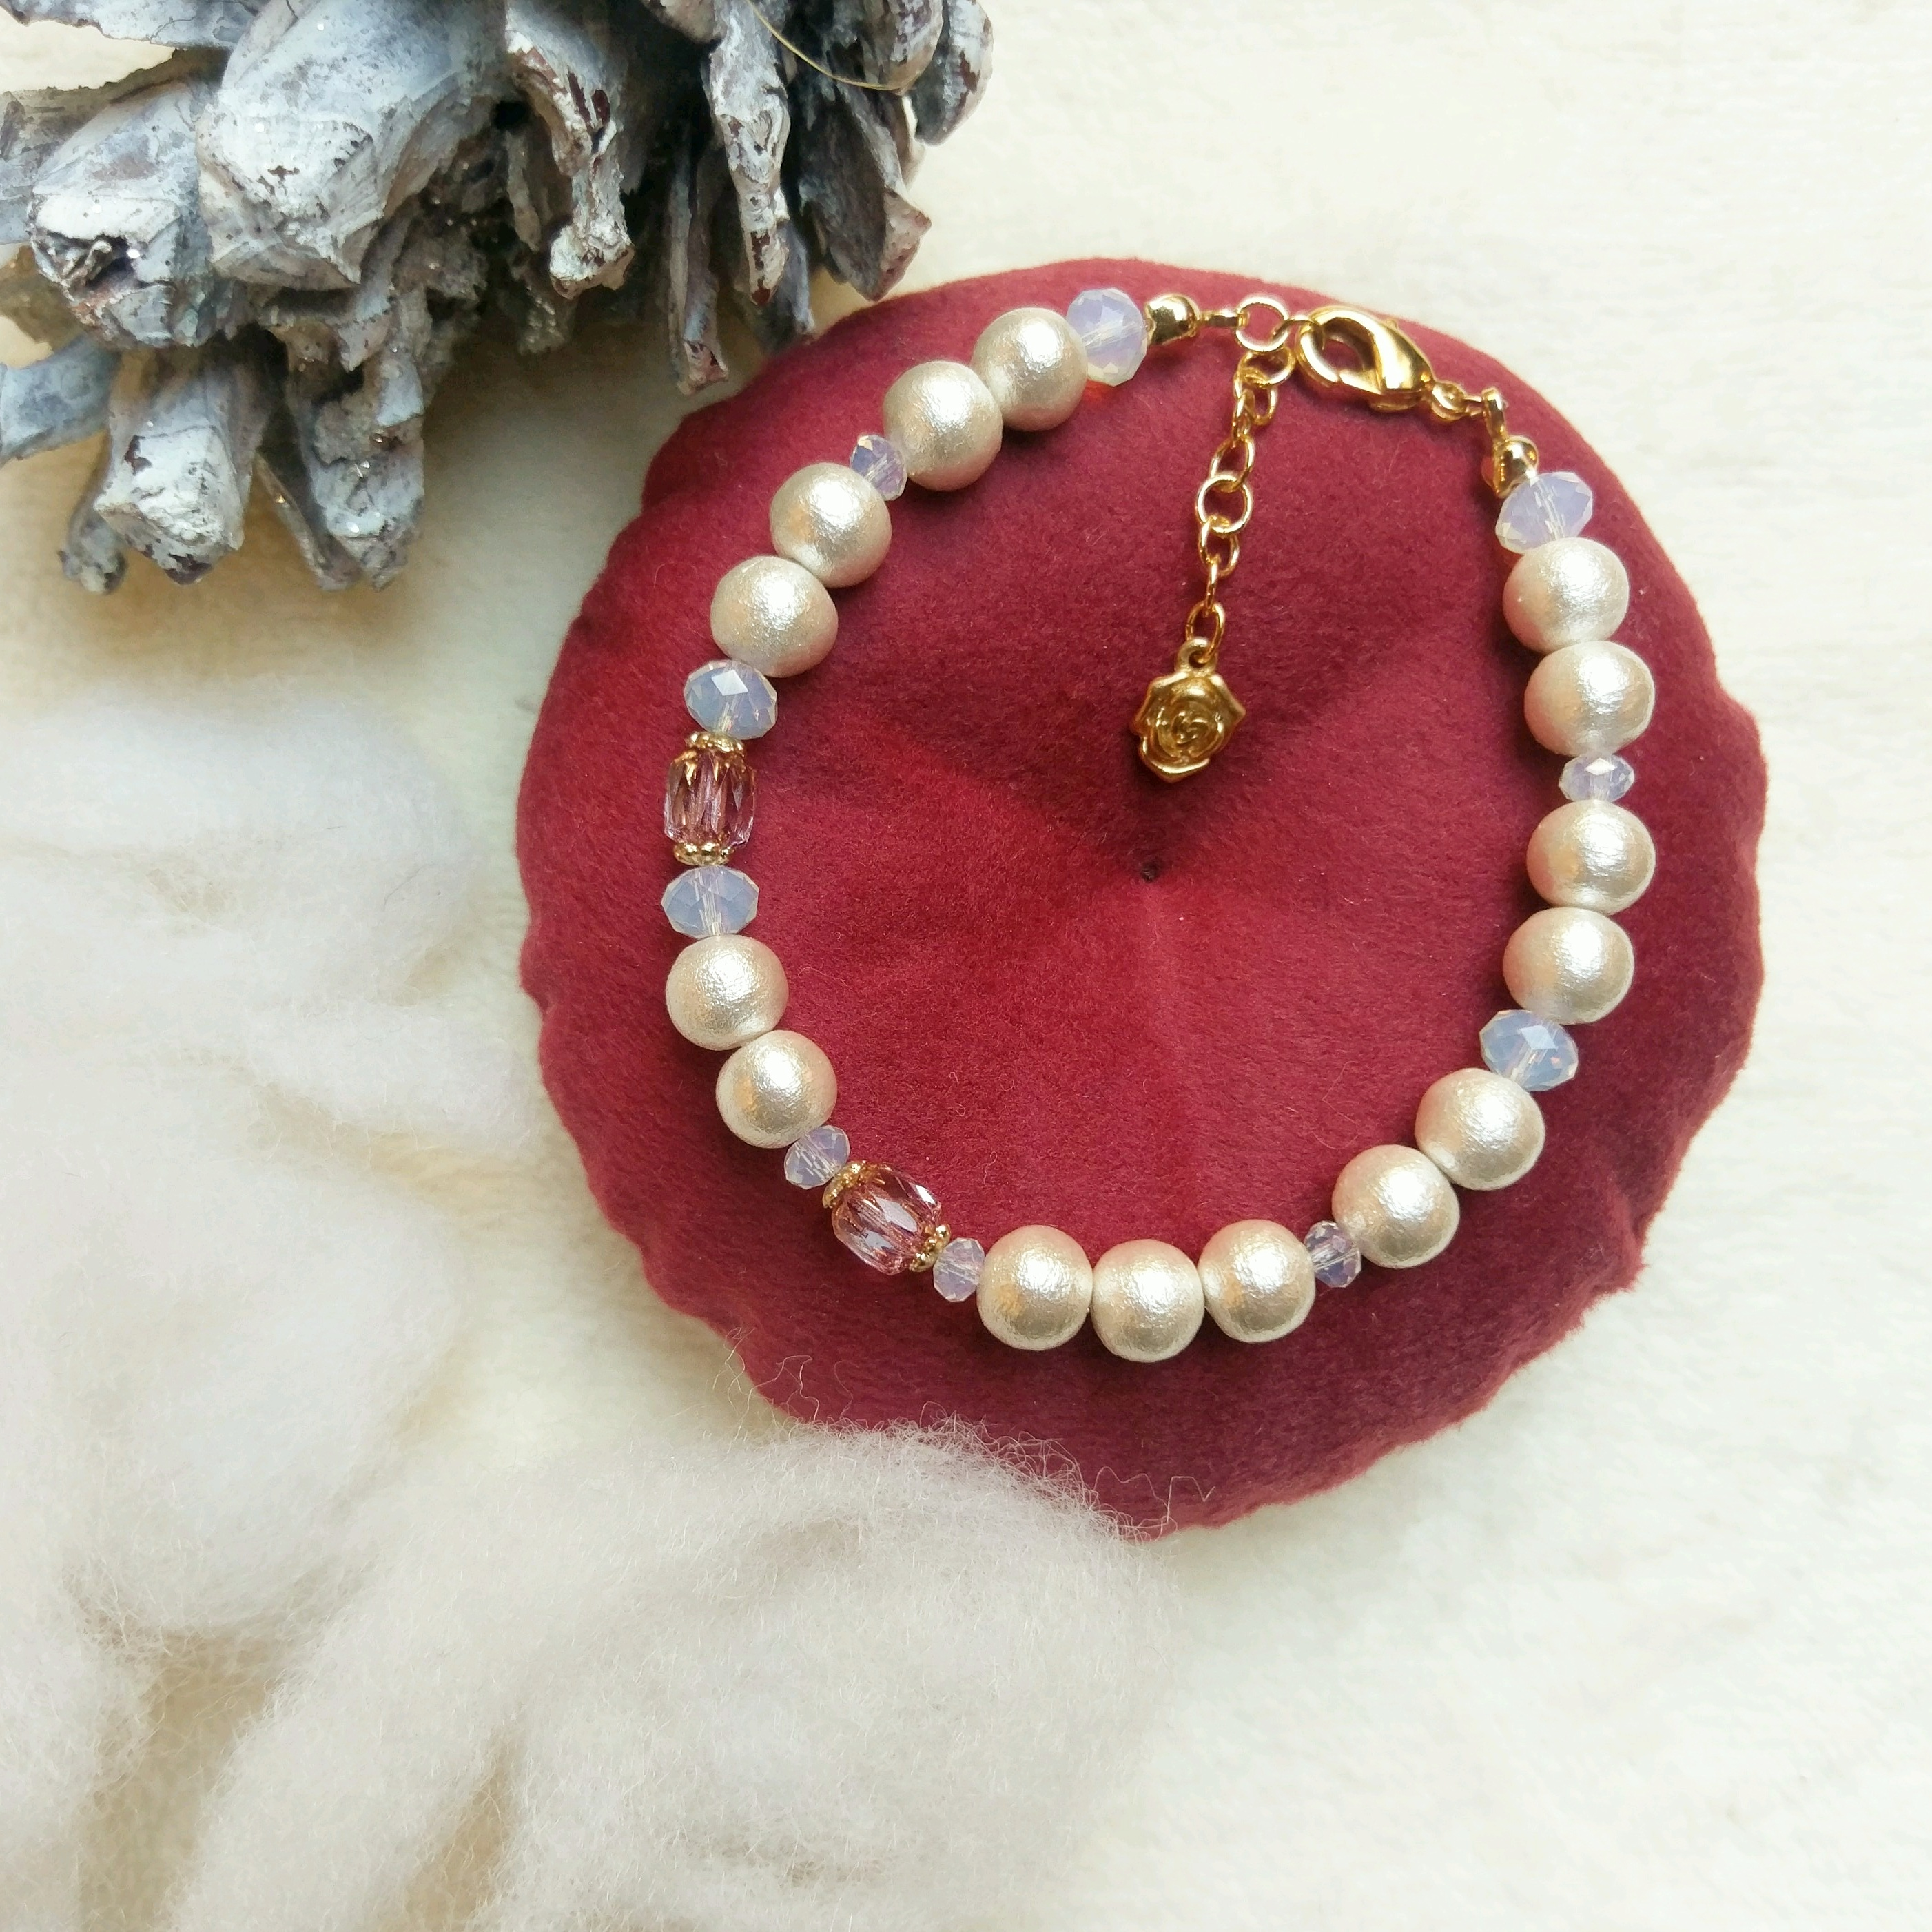 コットンパール ブレスレット ホワイト ピンク ガラス